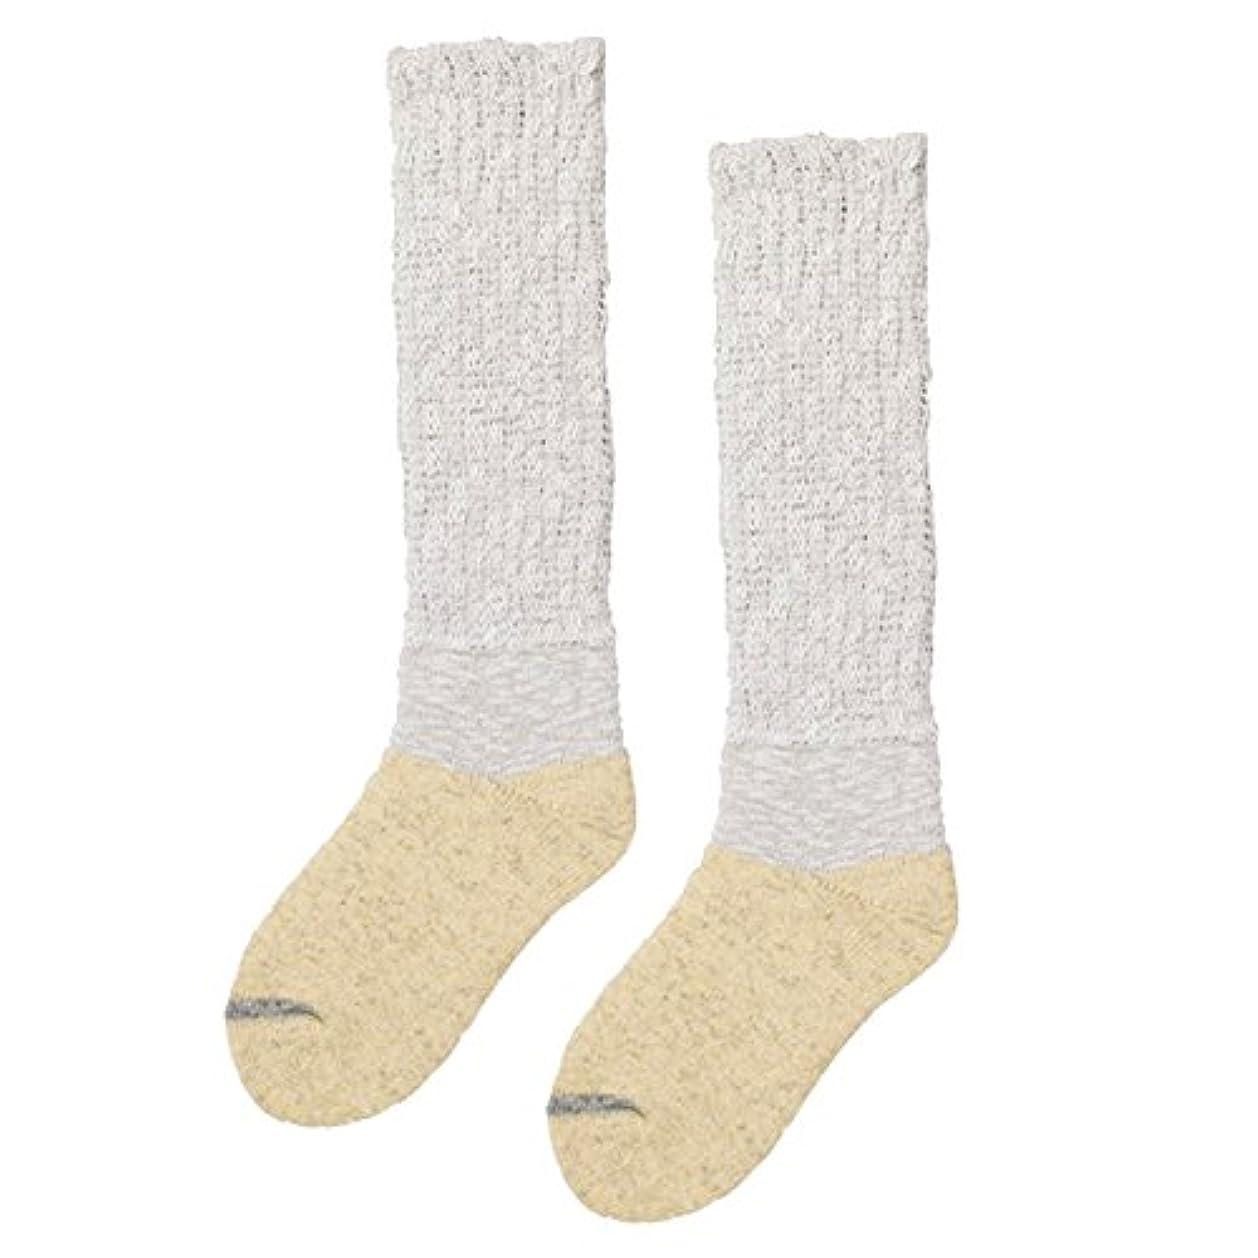 消える農学継承砂山靴下 Carelance(ケアランス) お風呂上りの靴下 膝下 8592CA-80 ベージュ